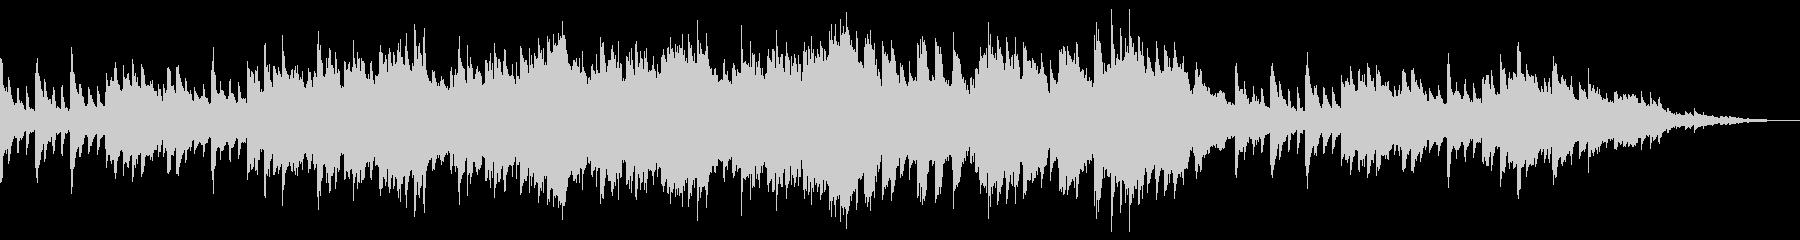 感動的なピアノとストリングスのBGMの未再生の波形